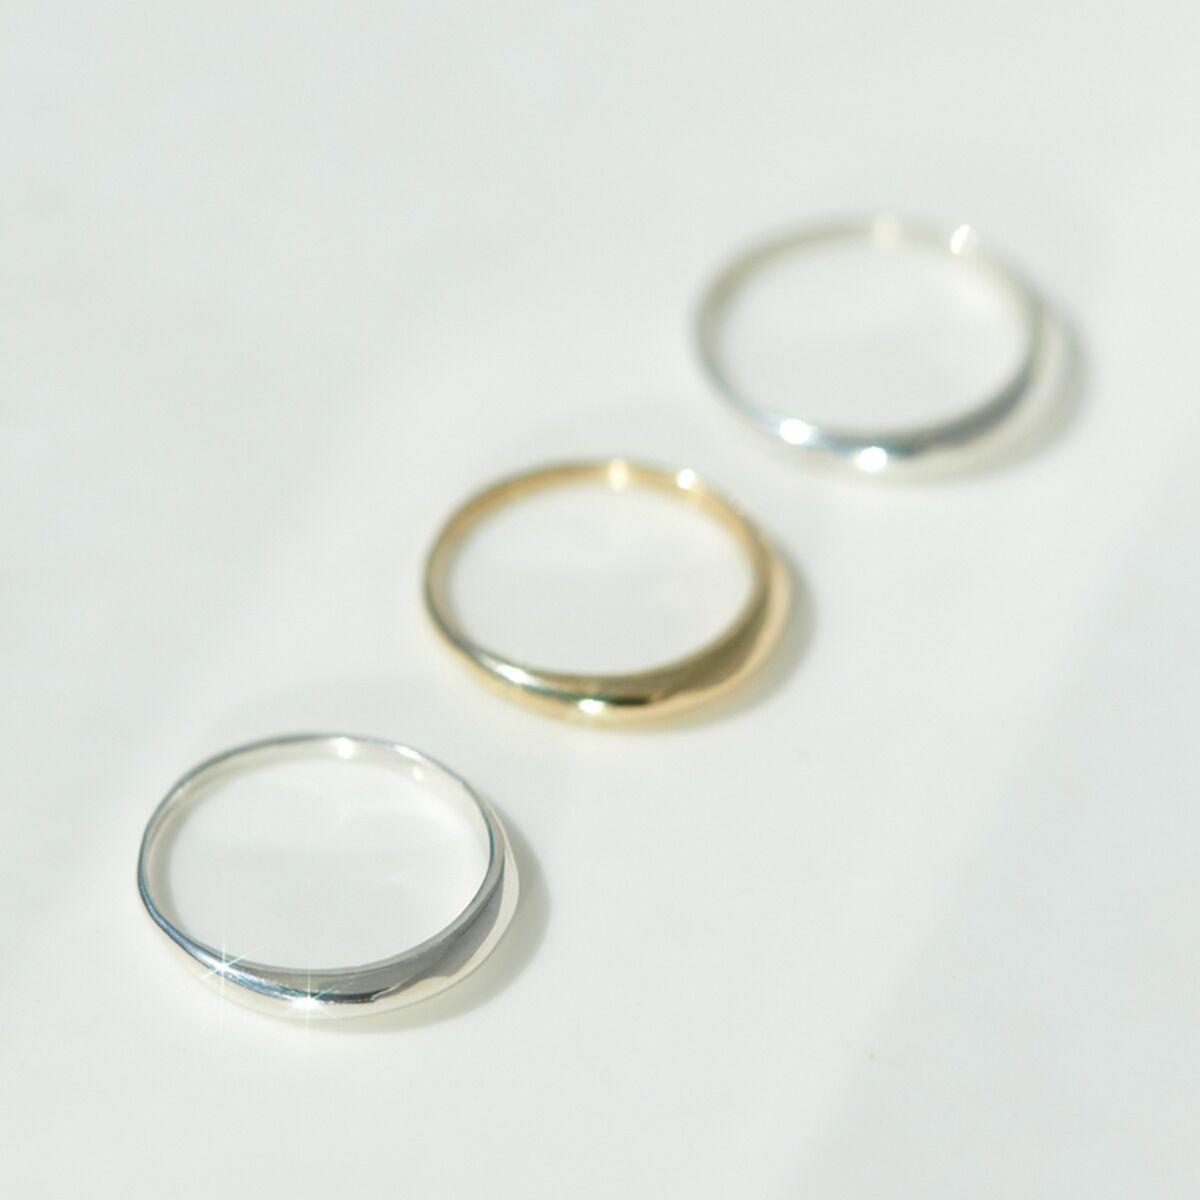 Barnes Ring image